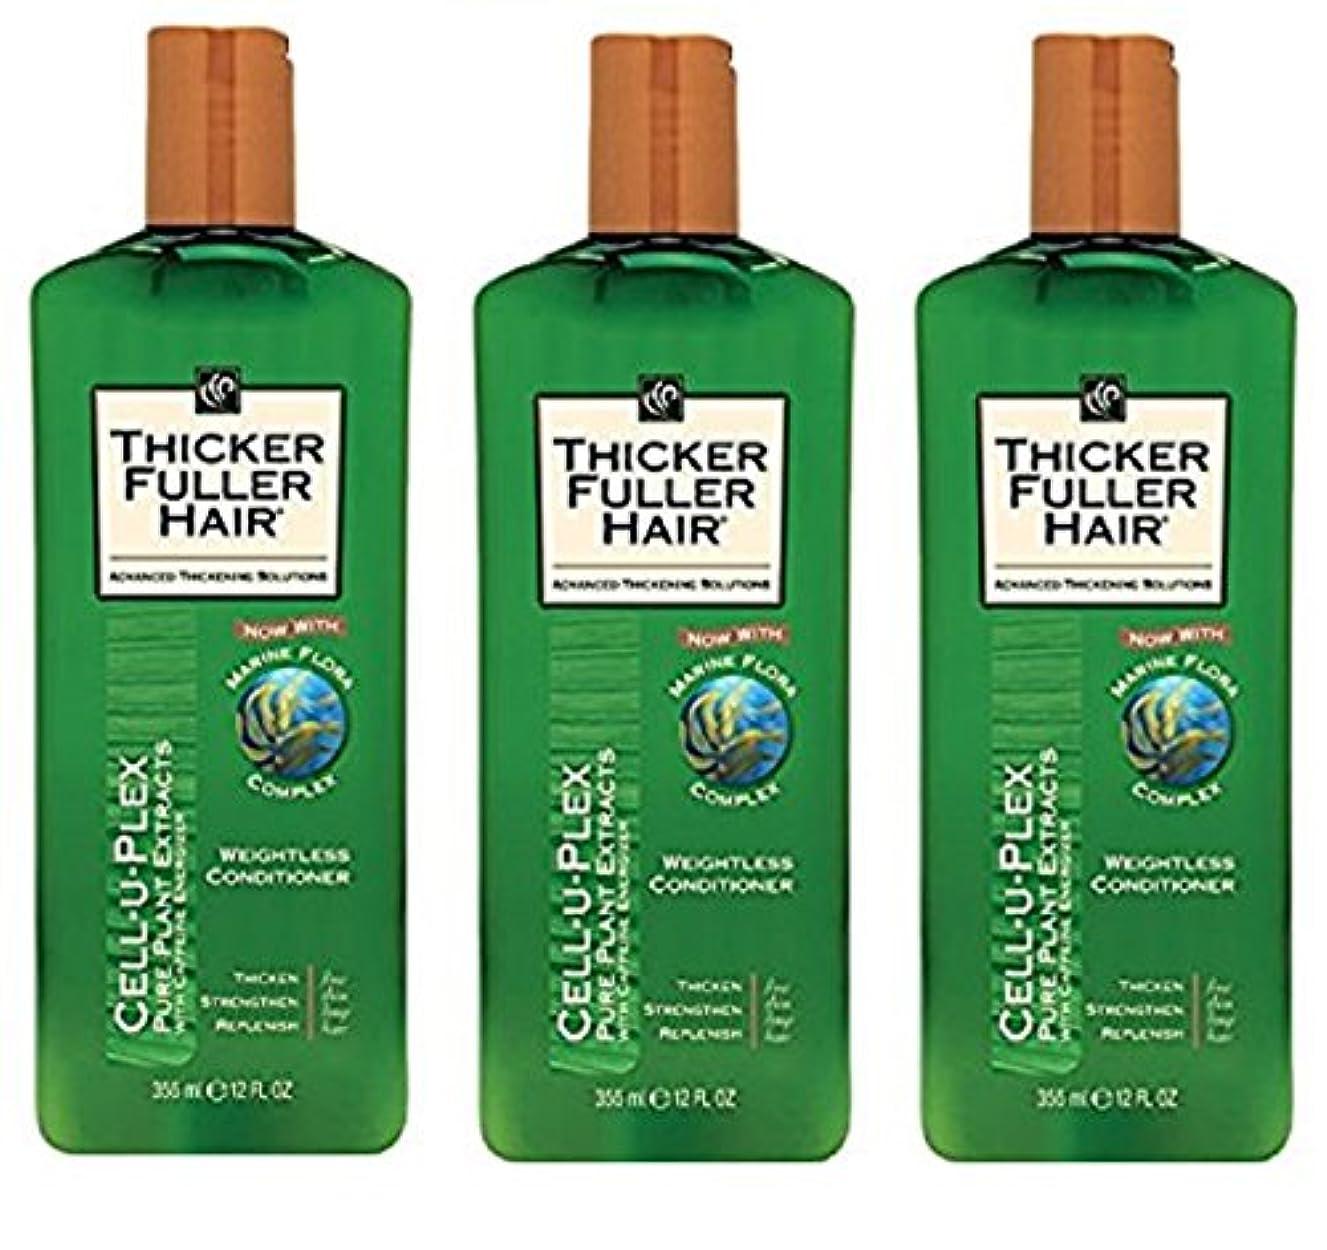 日オーストラリア人外交官Thicker Fuller 髪の無重力コンディショナーセル-U-PLEX 12オンス。 (3パック)